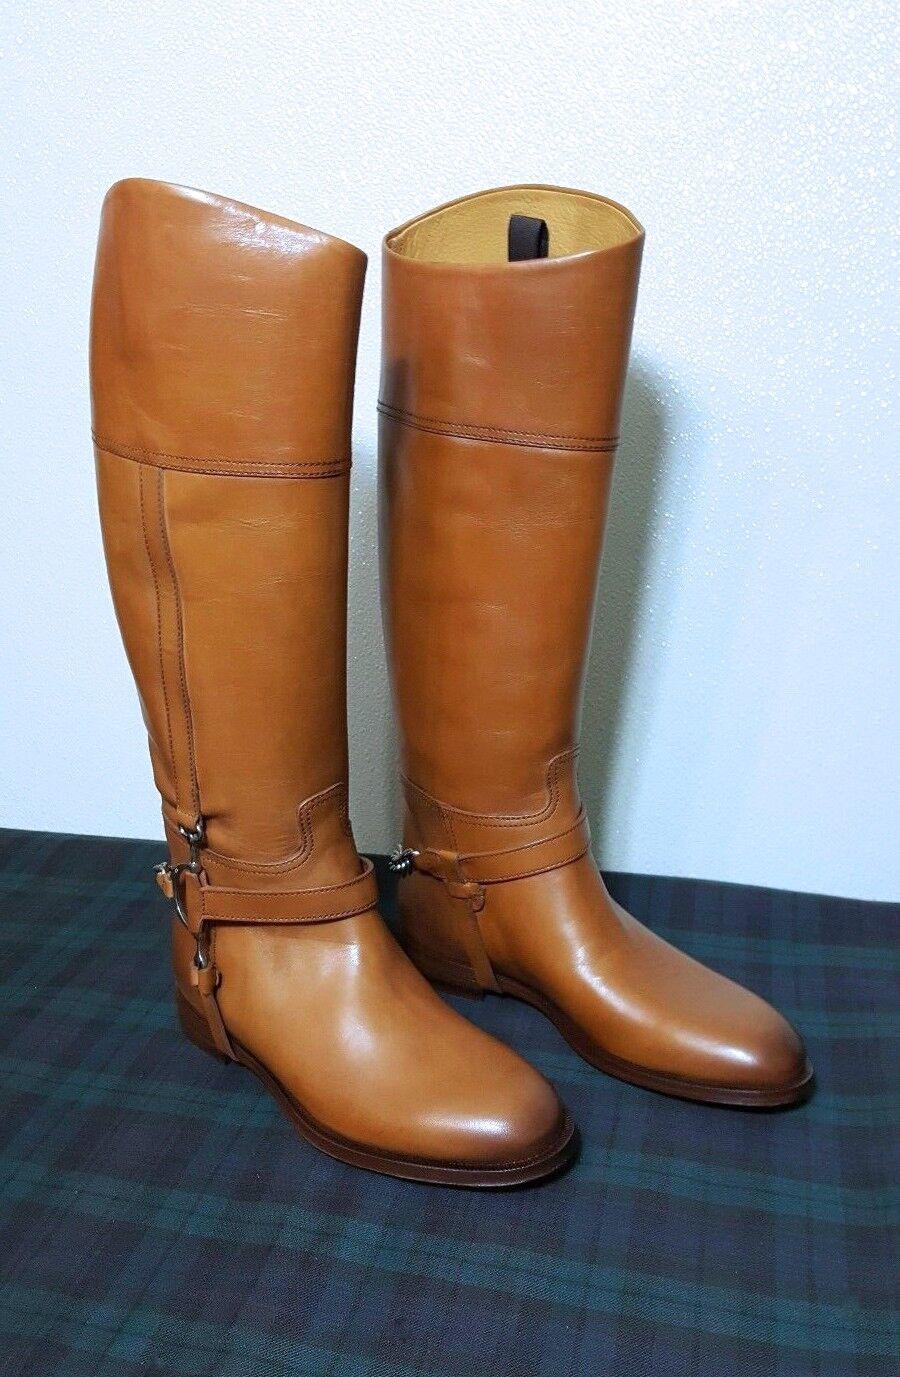 Ralph Ralph Ralph Lauren Collection Sandra Ecuestre Equitación Mujer botas de cuero de altura  6.5B  bienvenido a orden